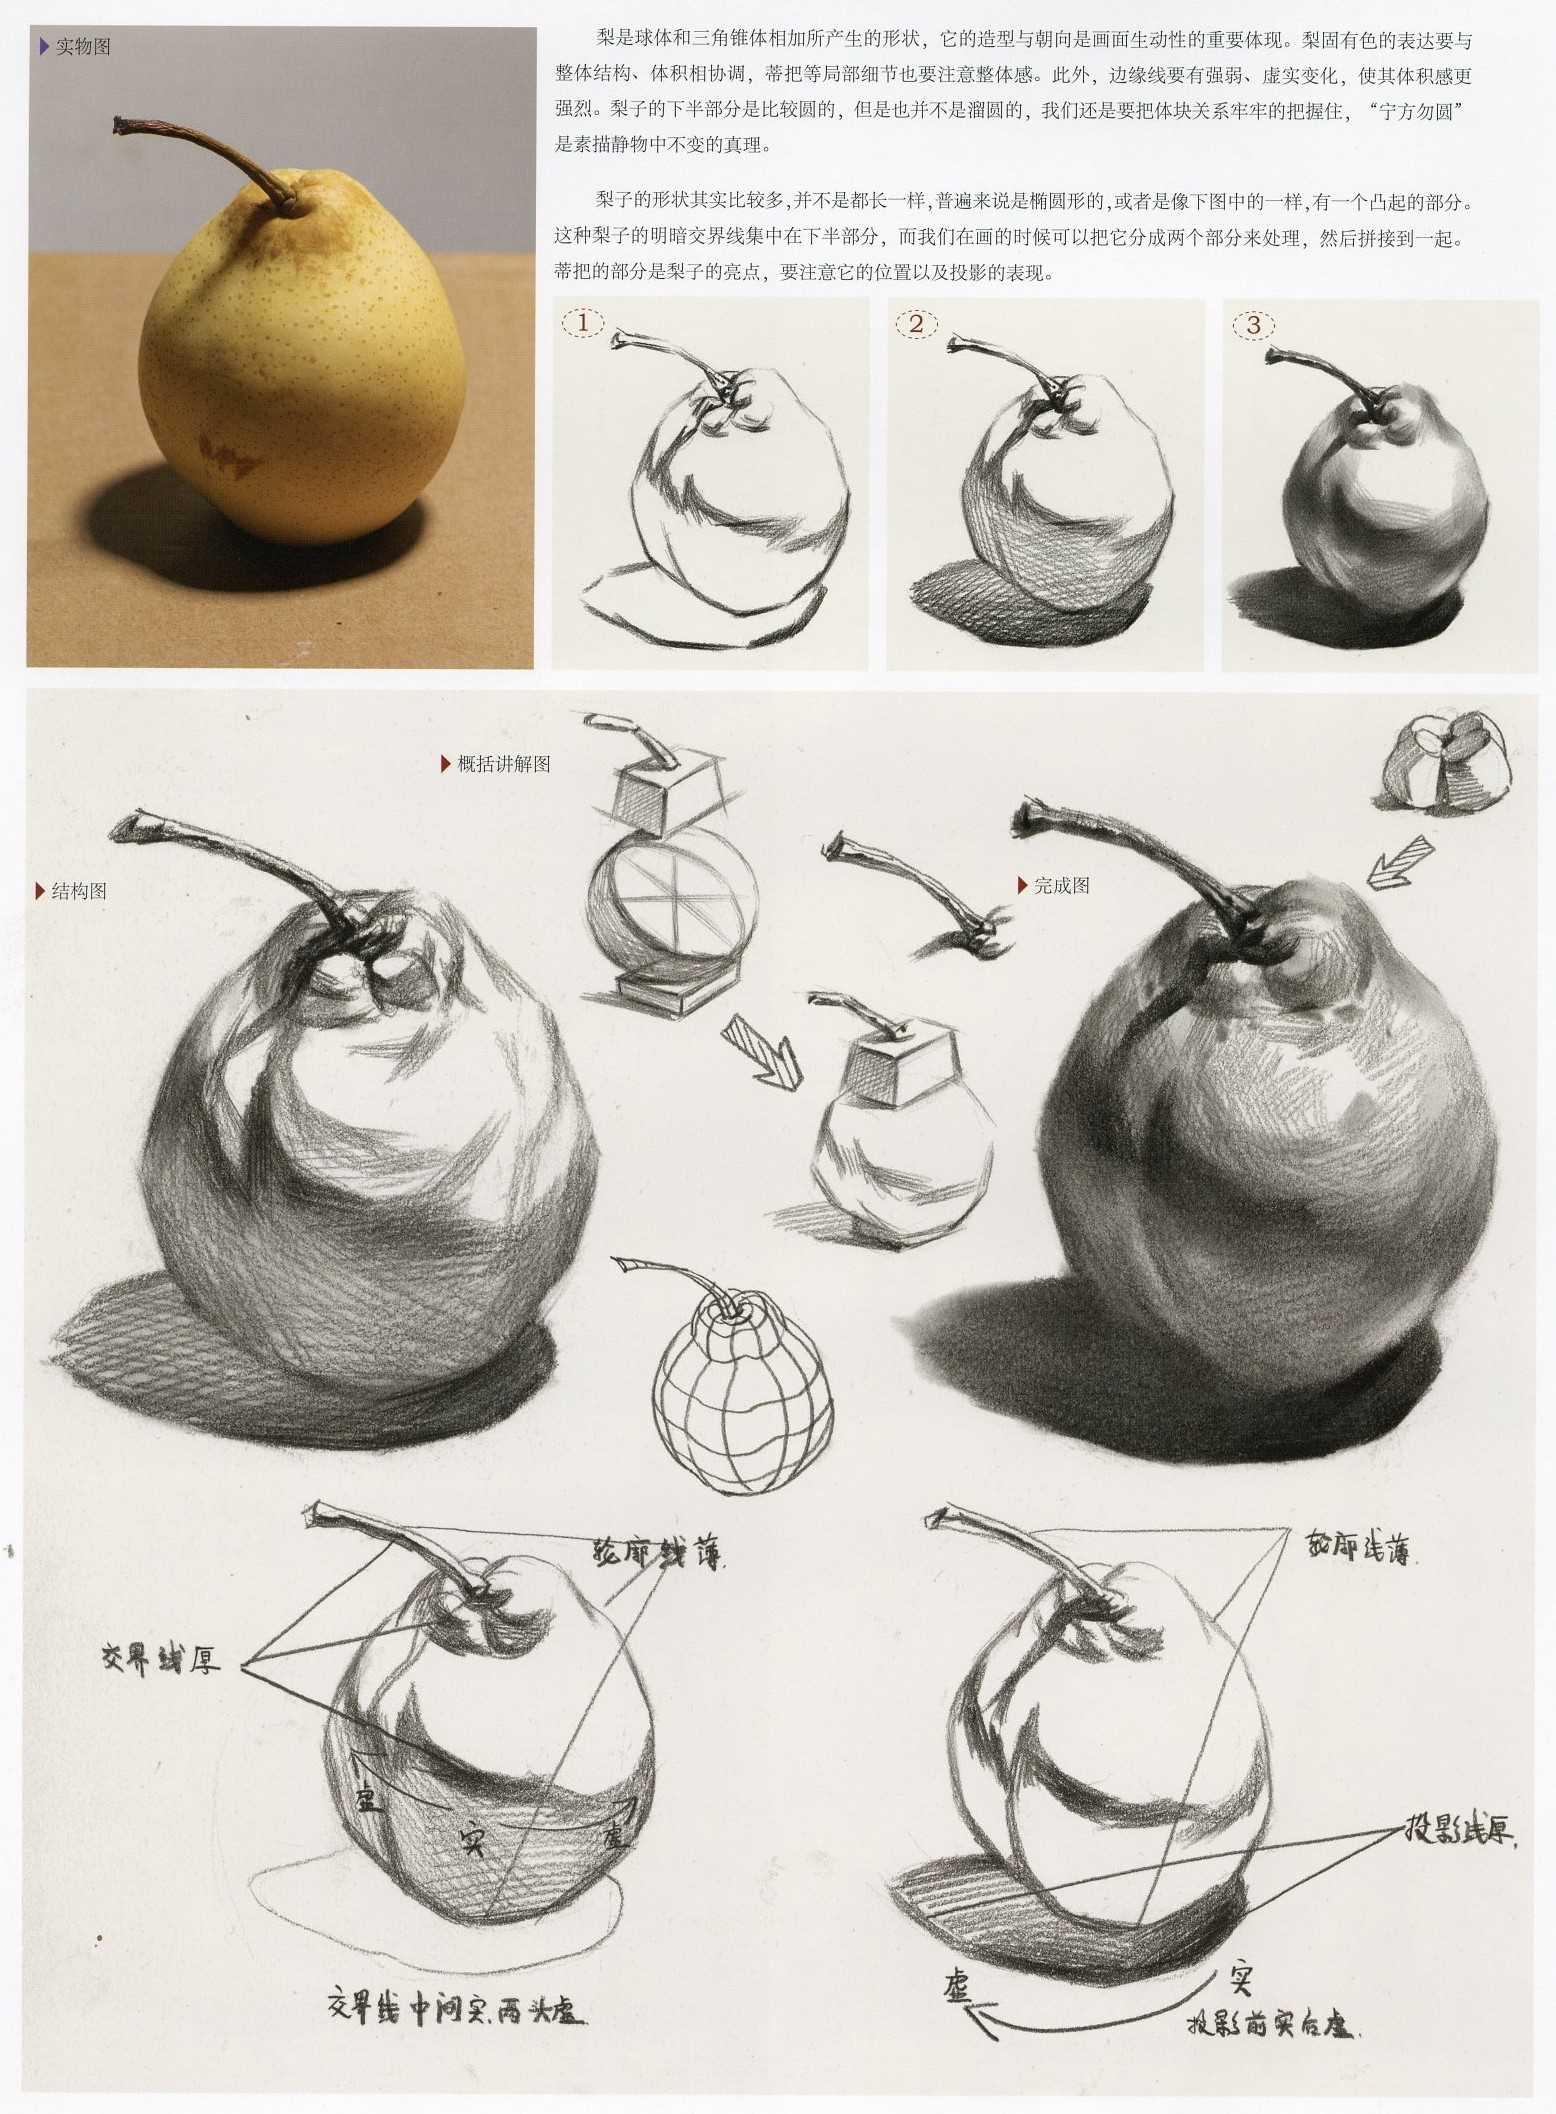 素描梨实体图,素描梨结构步骤教程分析